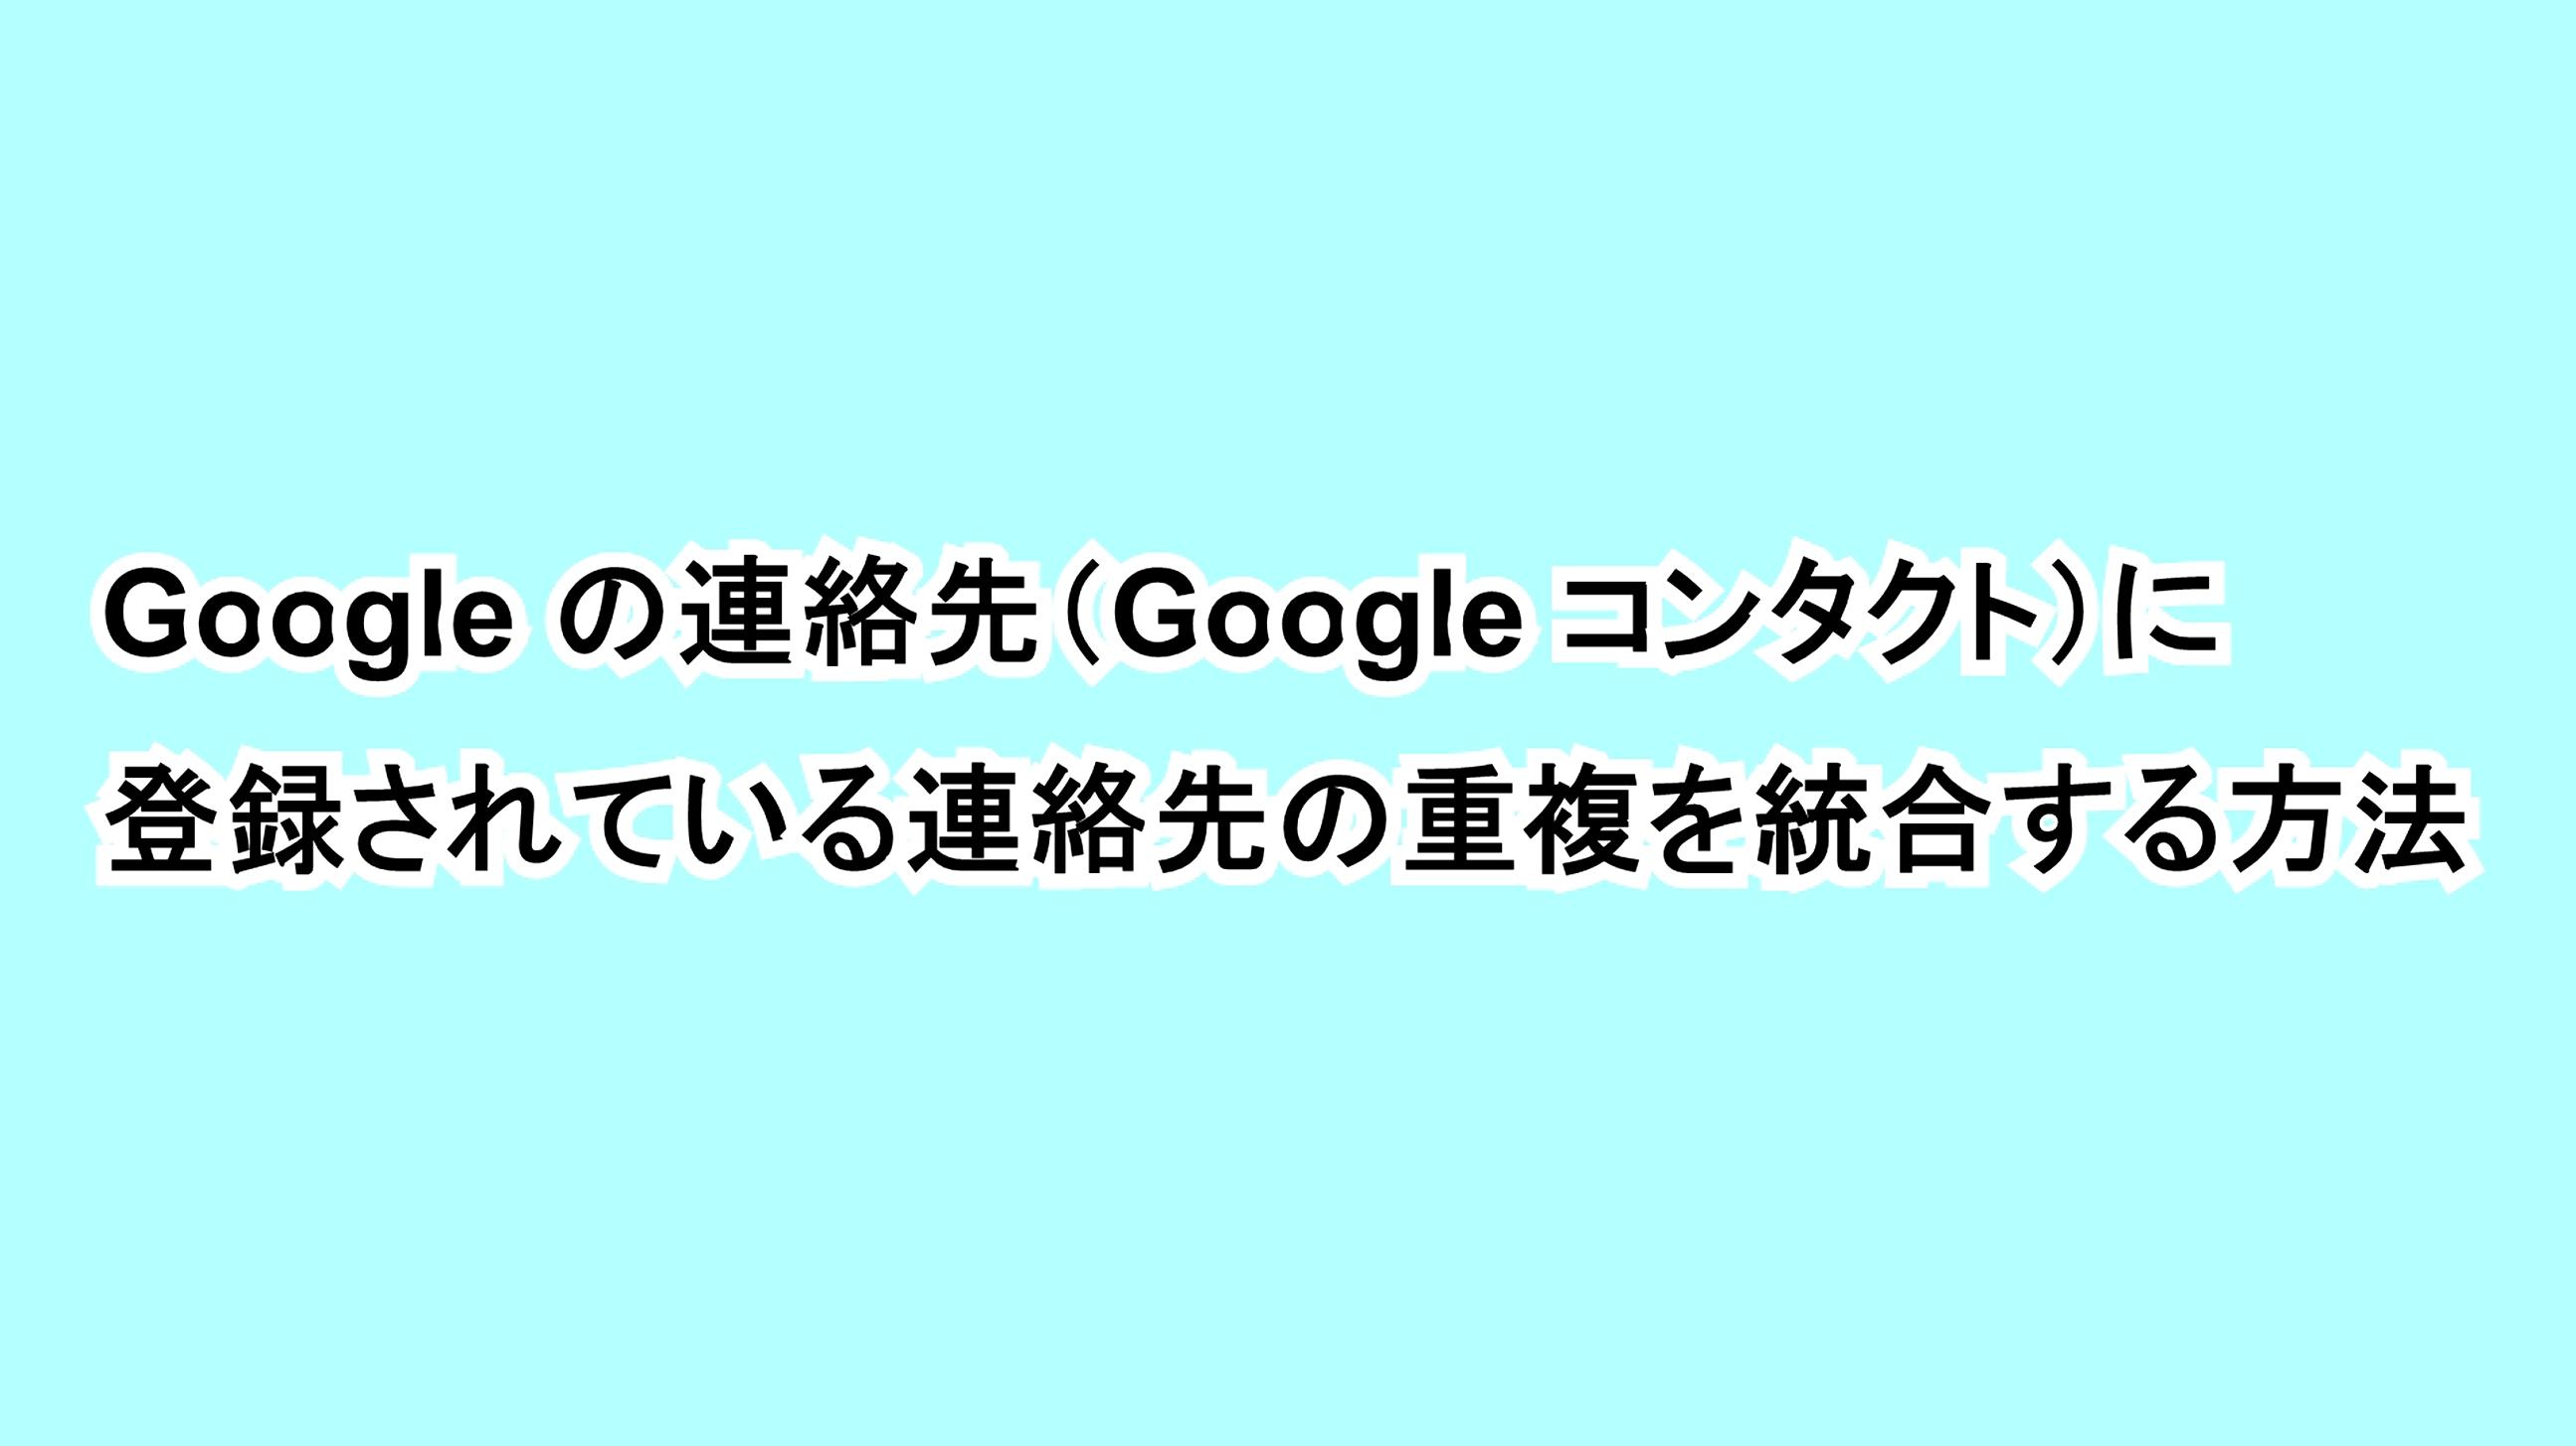 Googleの連絡先(Google コンタクト)に登録されている連絡先の重複を統合する方法